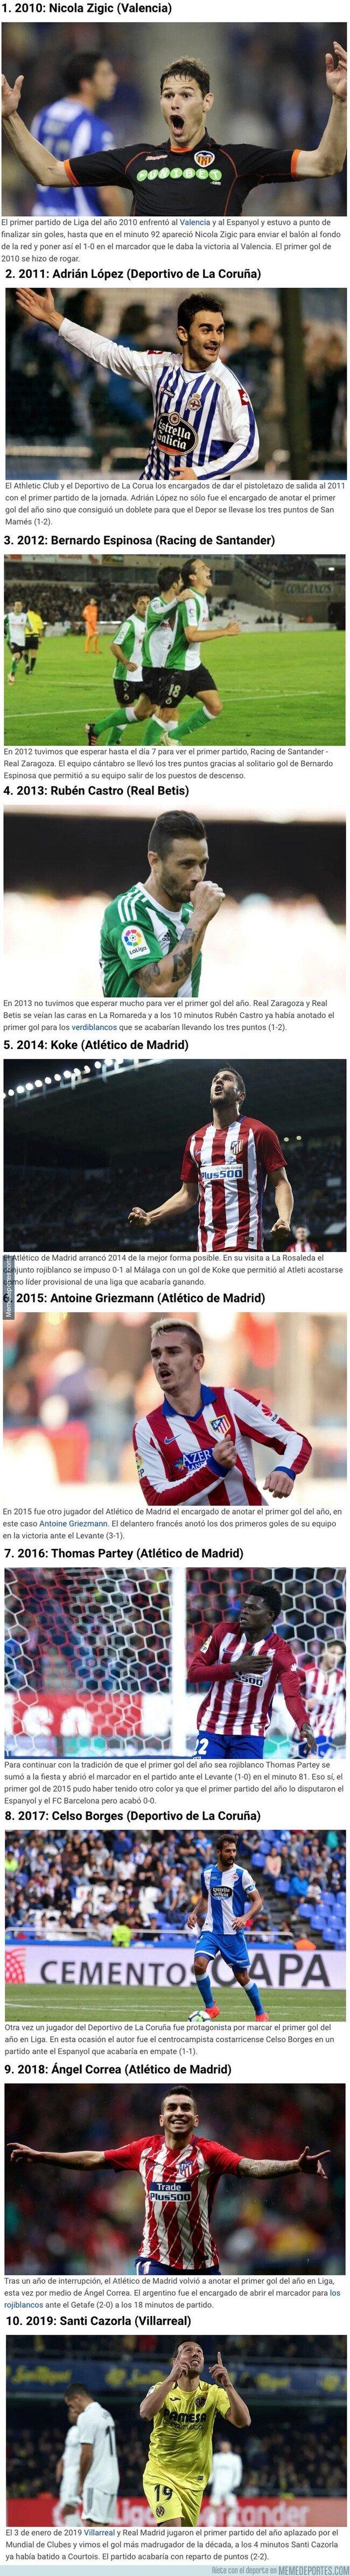 1094969 - Estos son los jugadores que marcaron el primer gol del año en LaLiga durante la última década